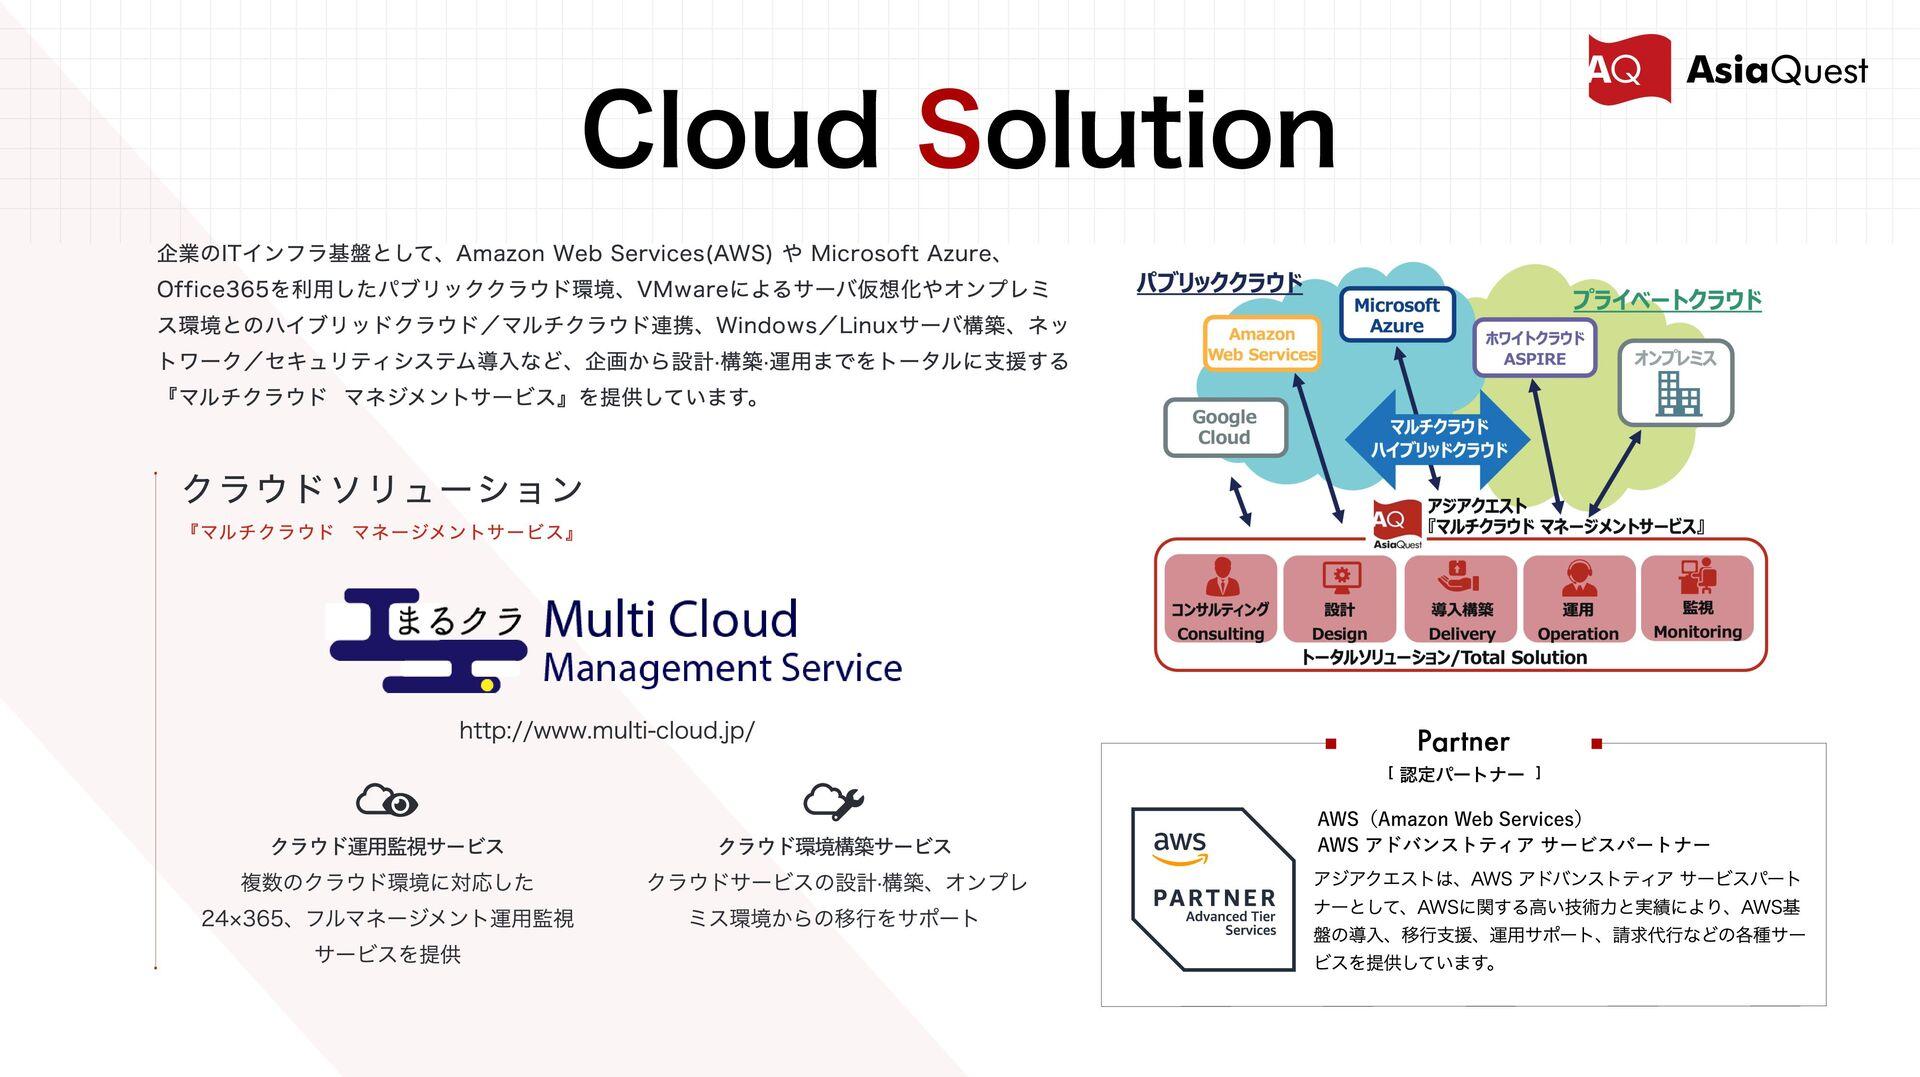 Consulting 準備中